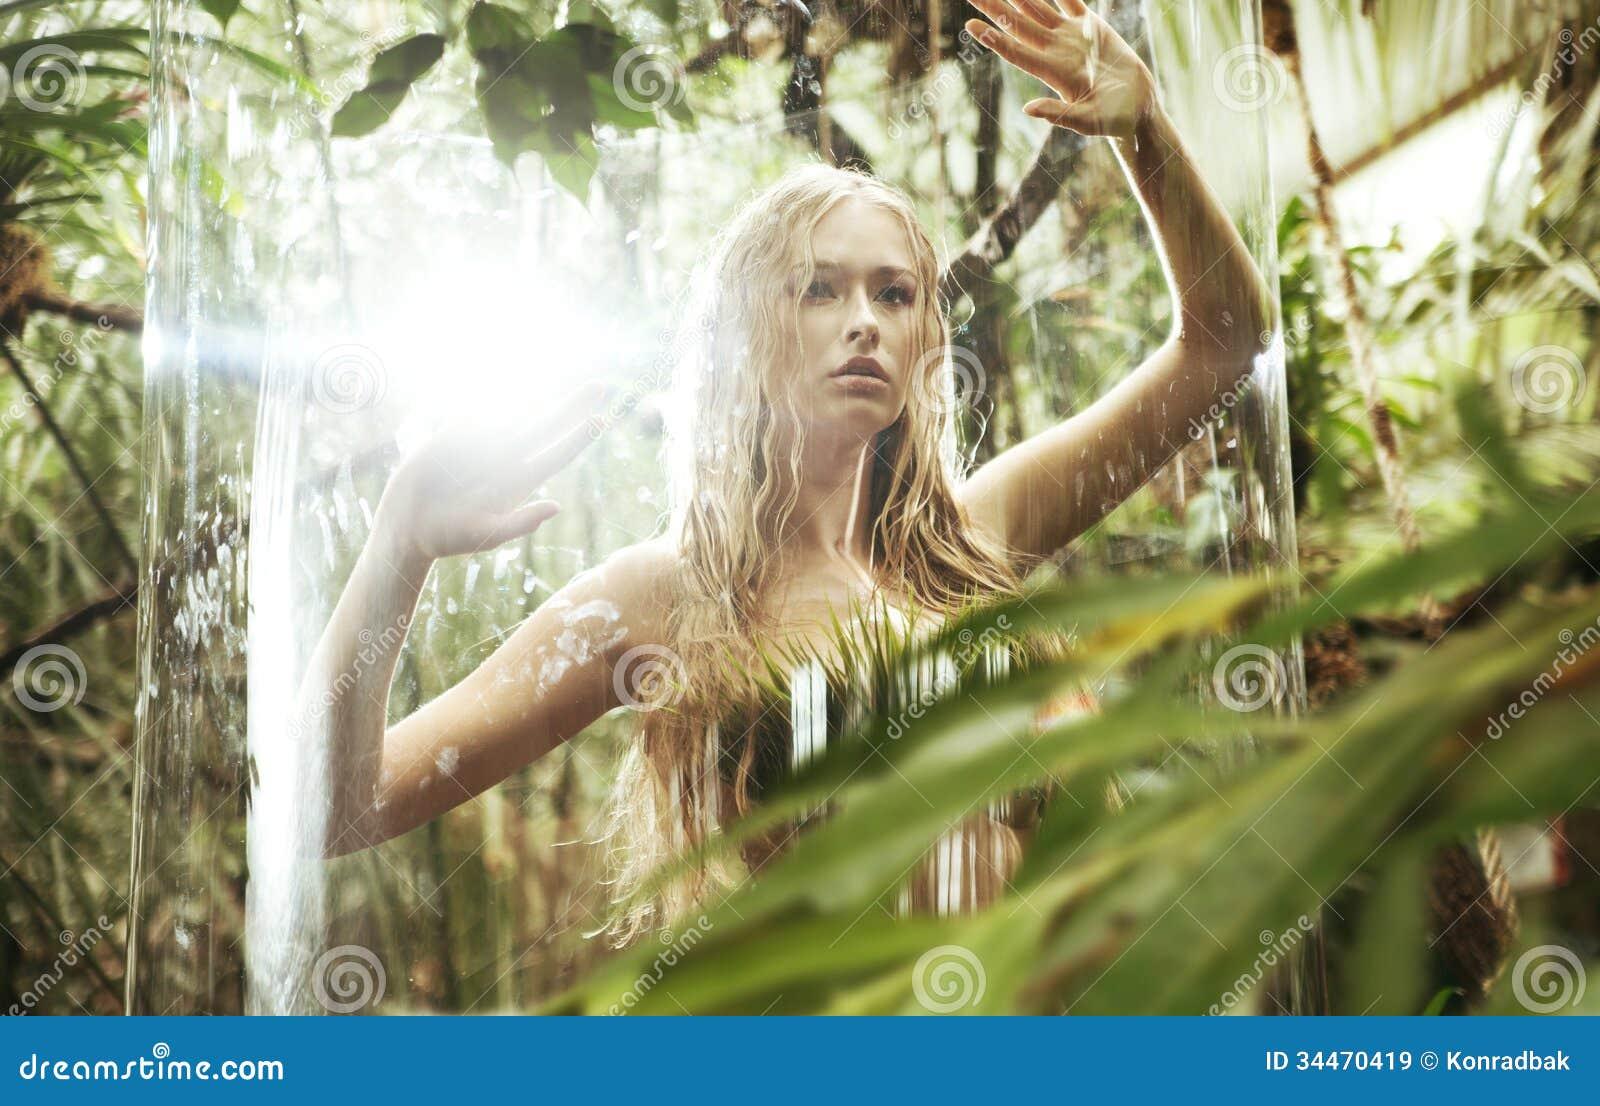 在玻璃笼子的惊奇白肤金发的若虫